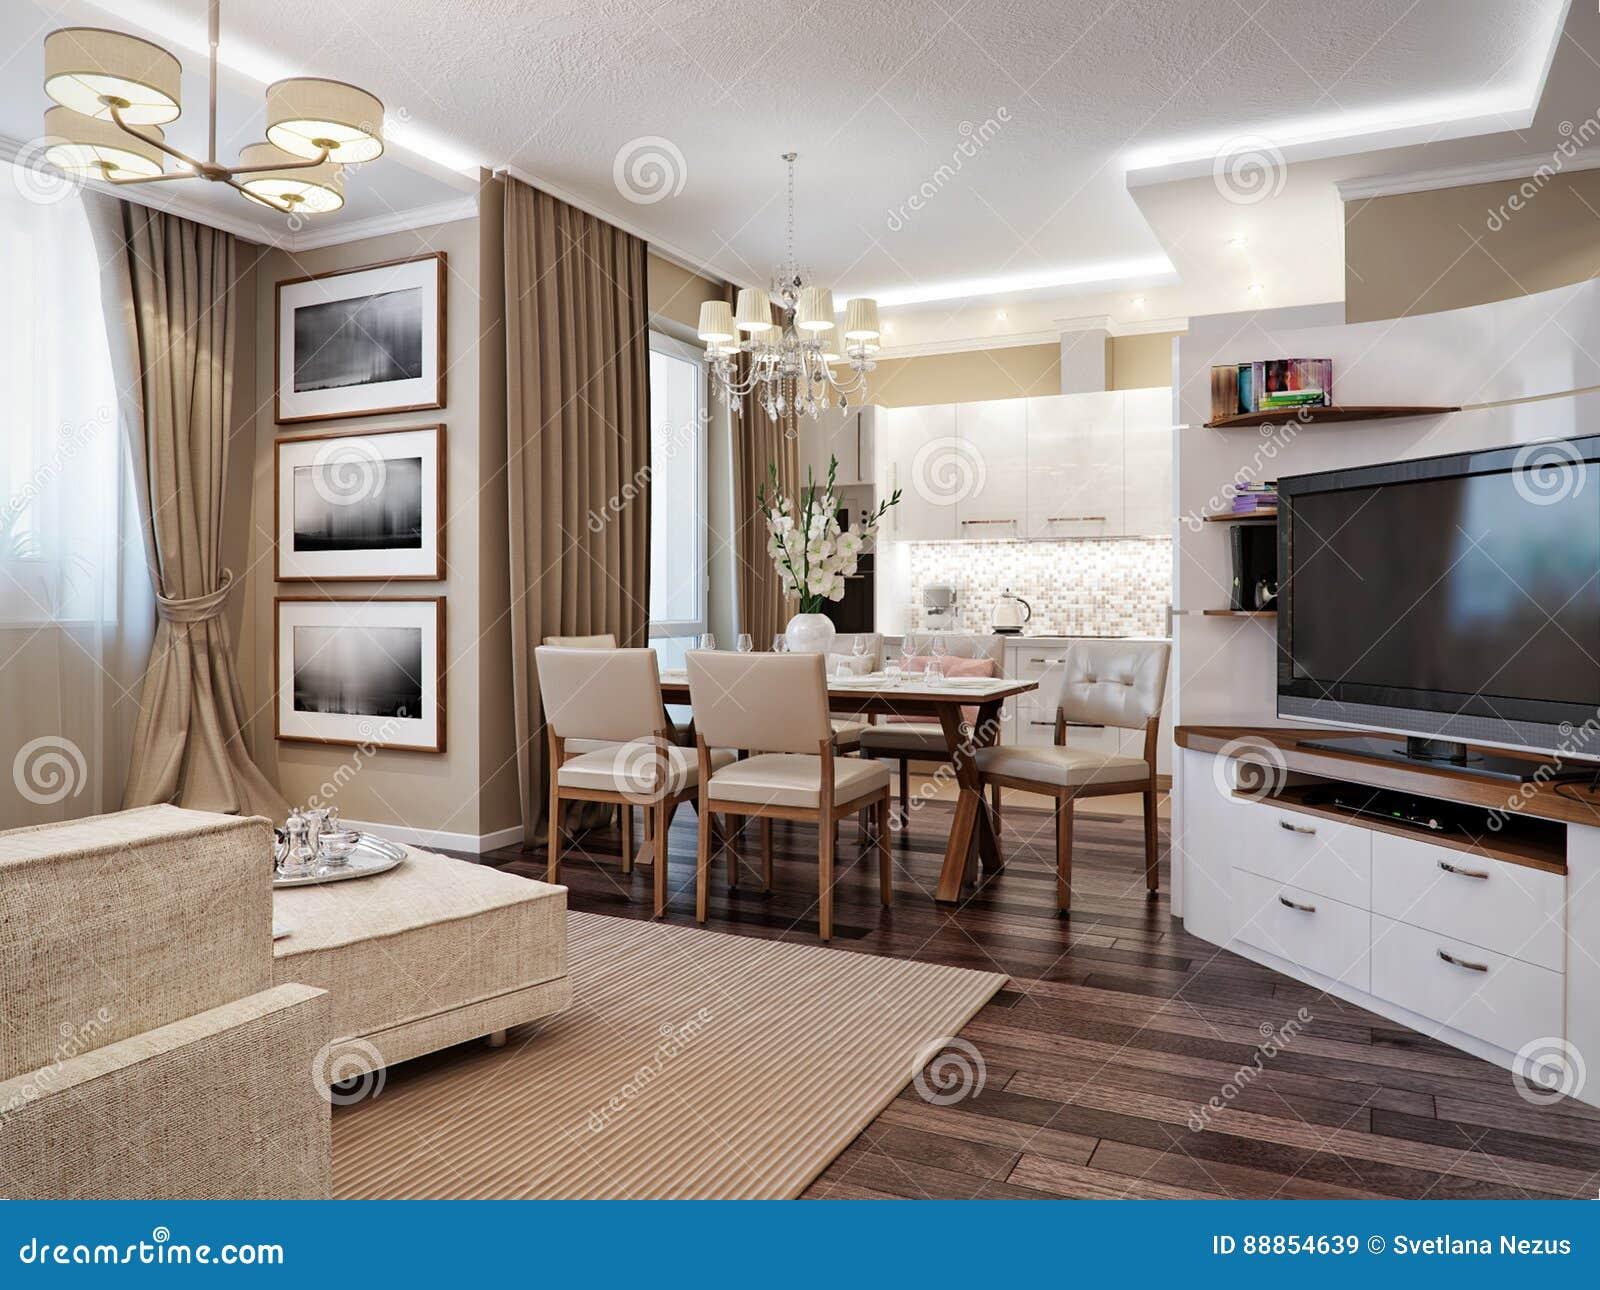 Comedor modernos cocina y comedor modernos imagenes de for Sala de estar y cocina